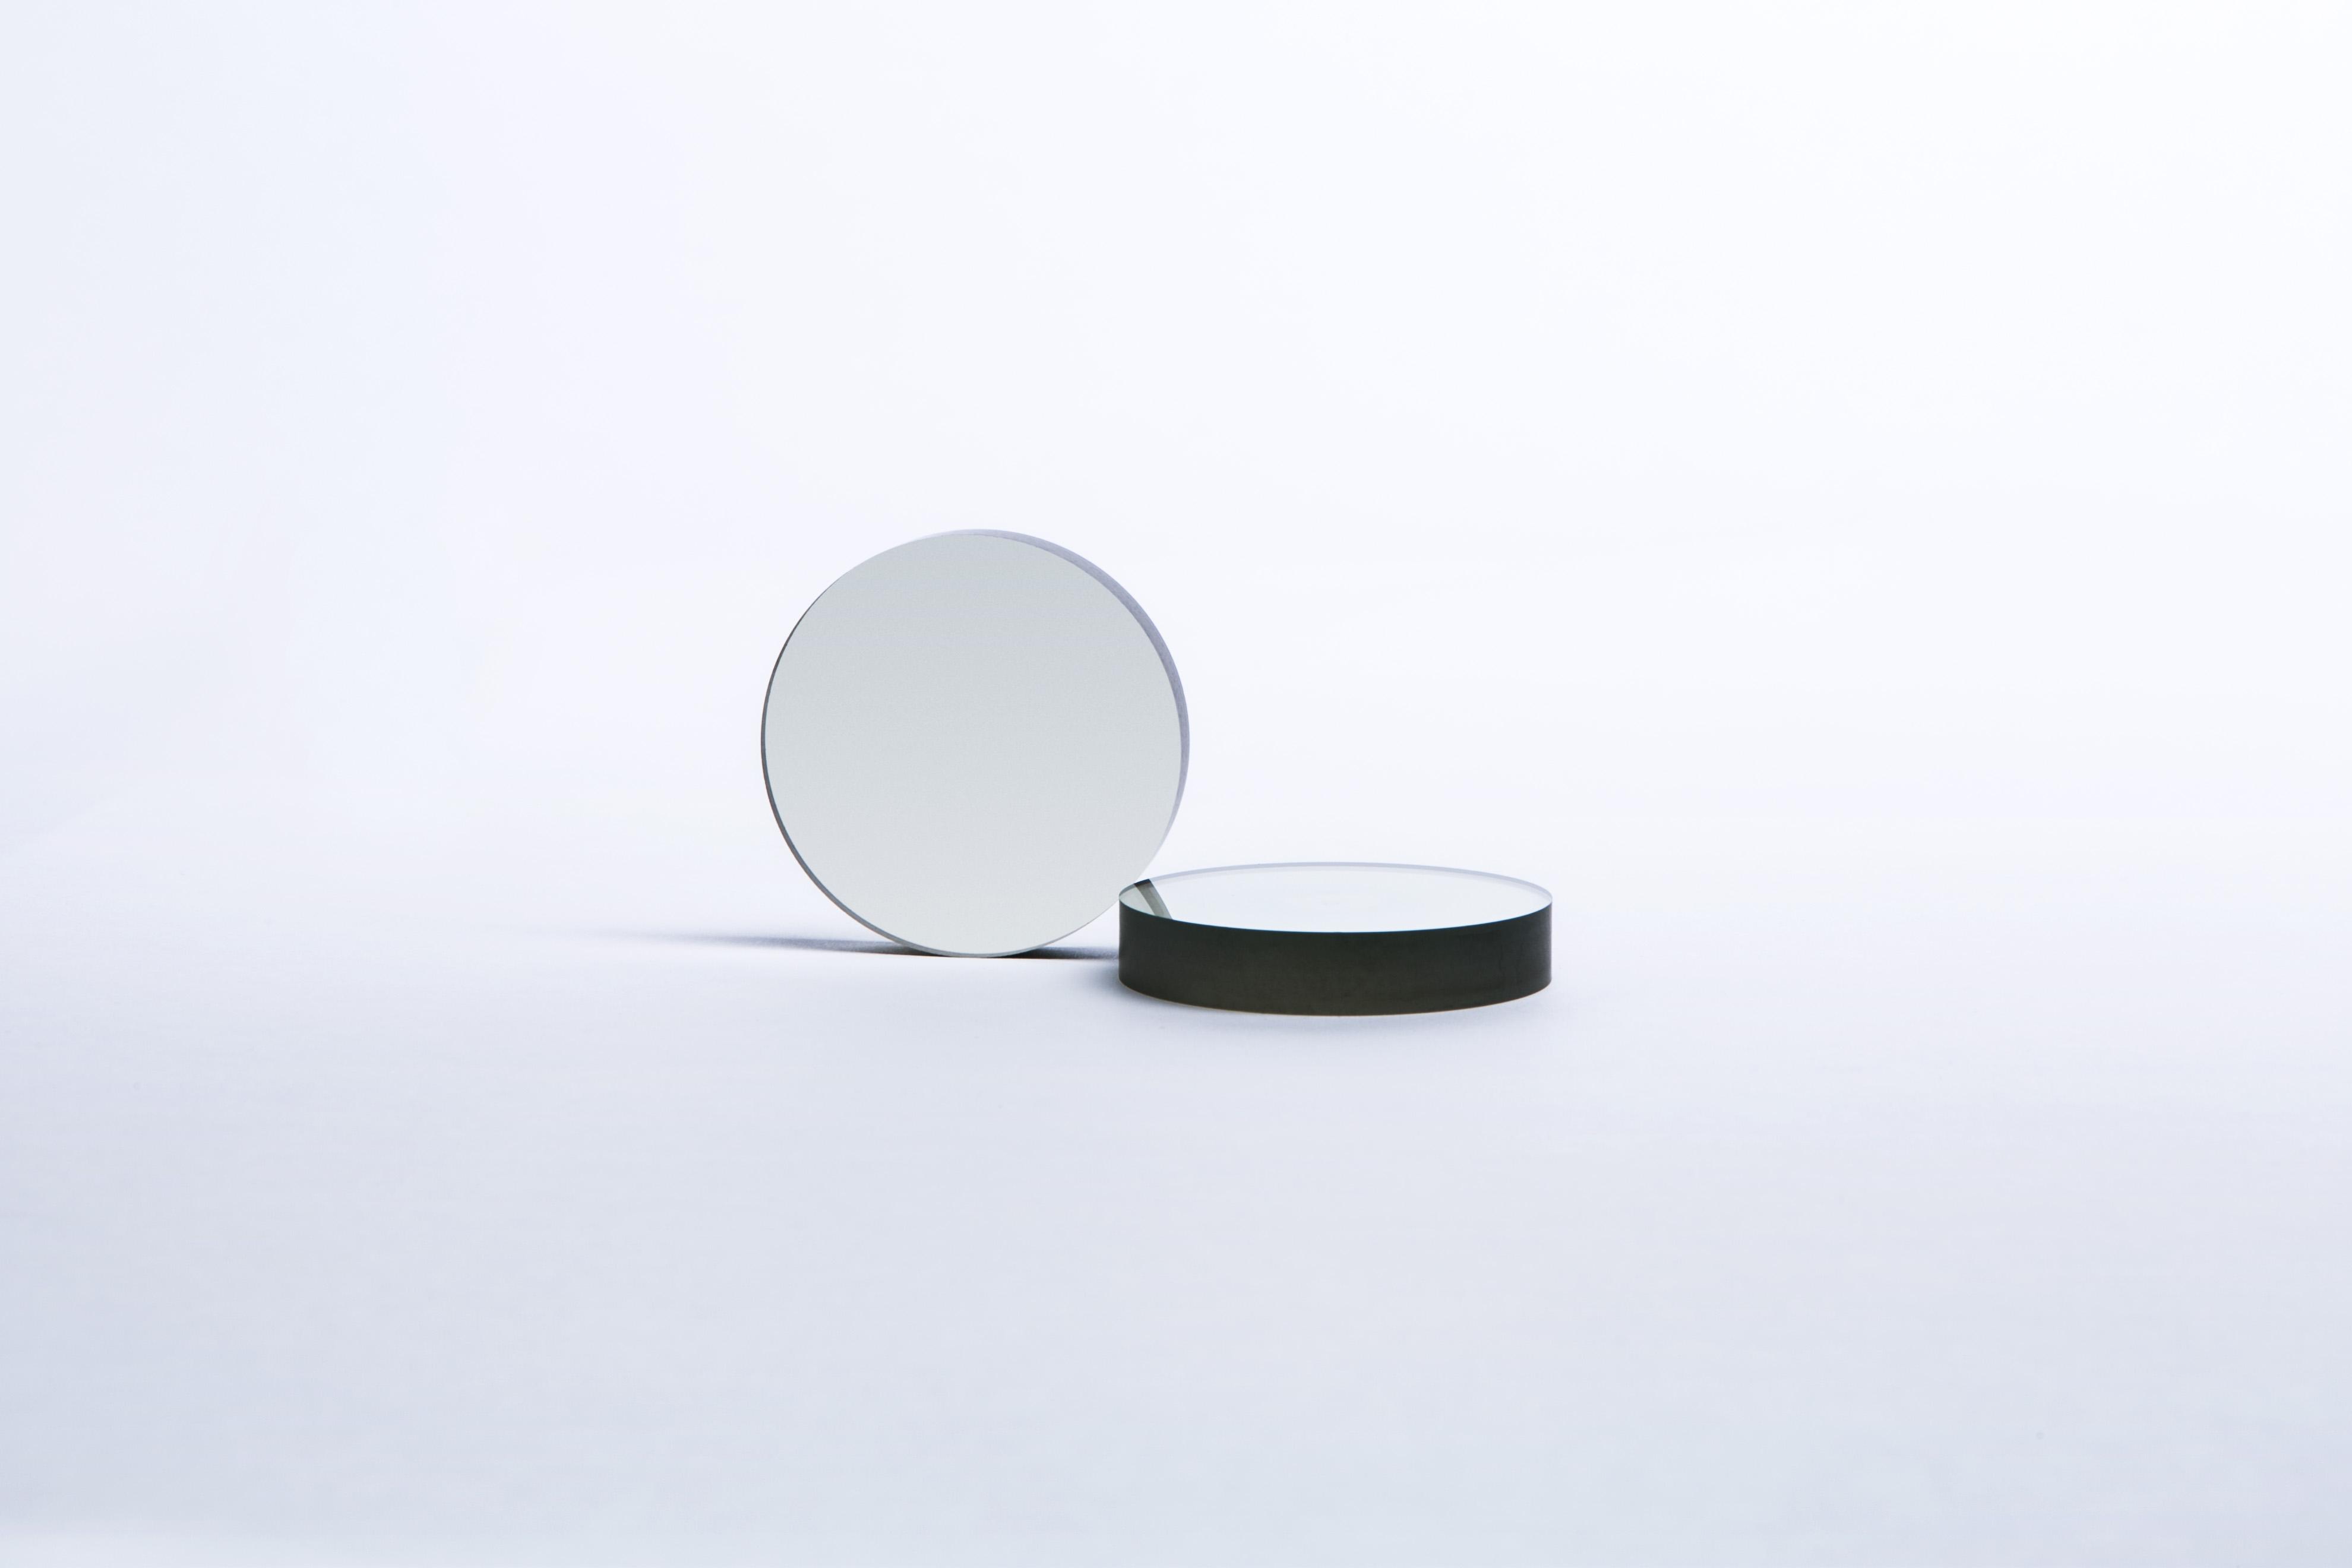 天科晶体-1.jpg